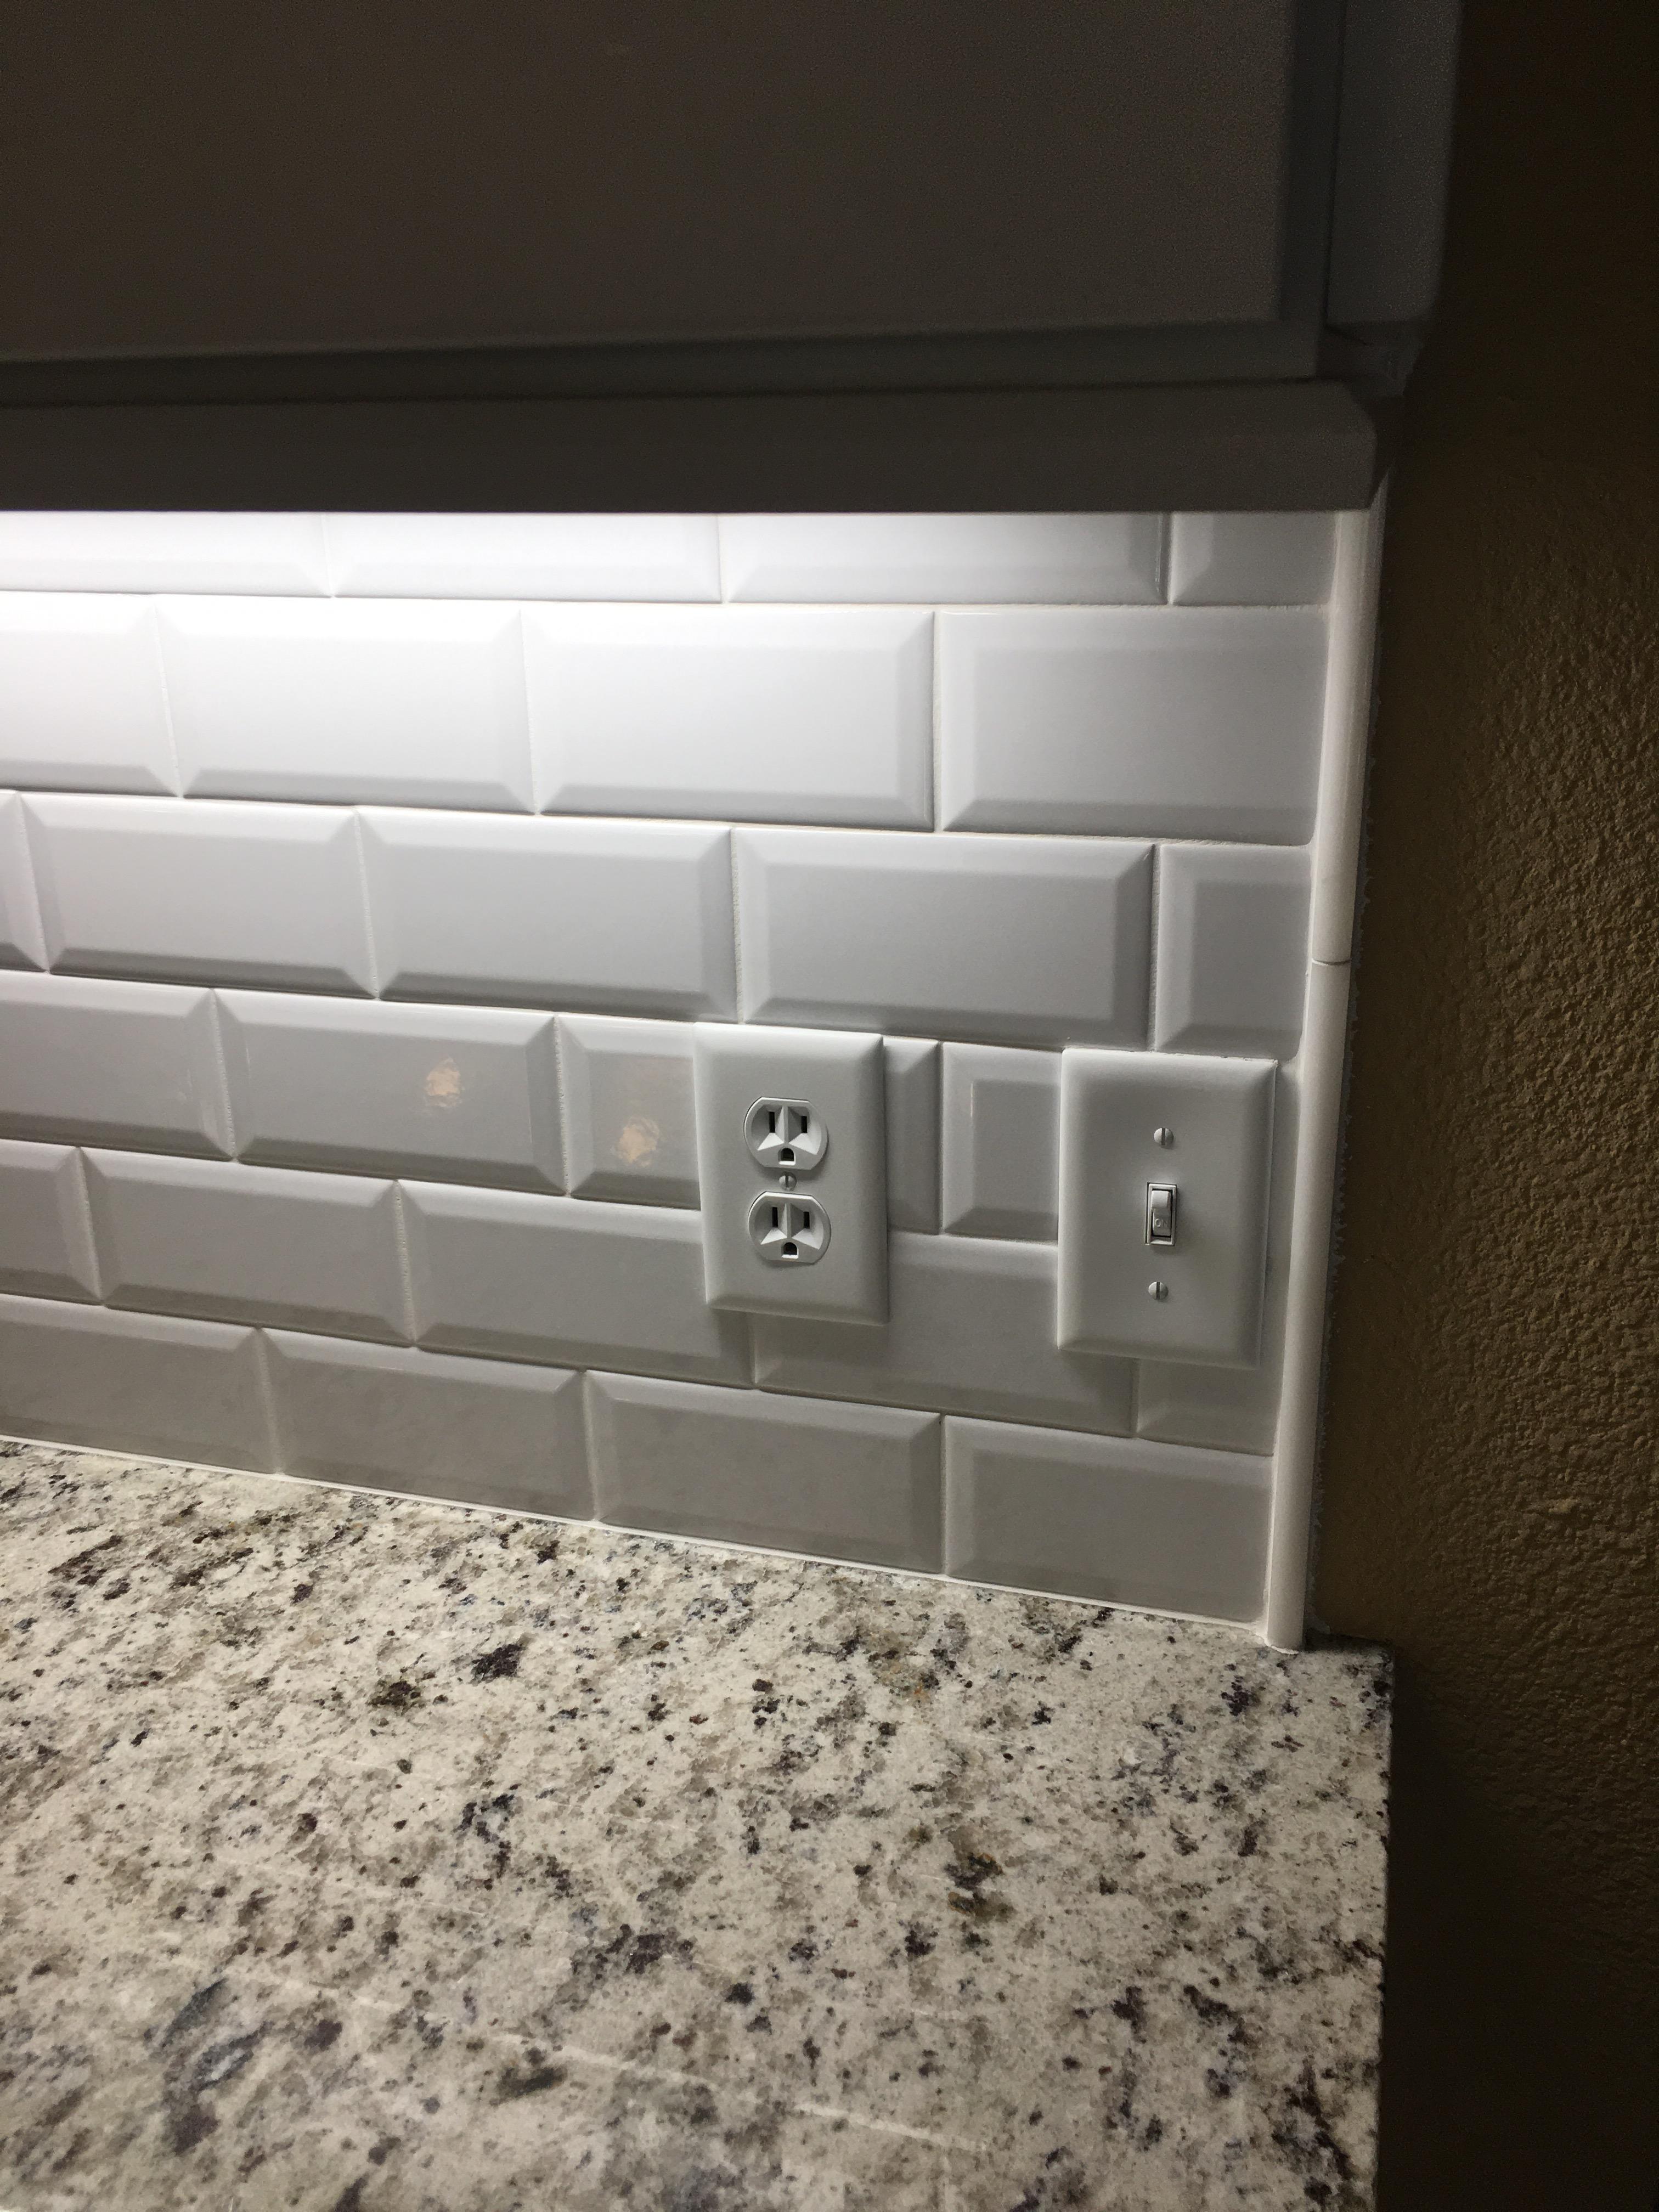 3 6 beveled edge subway tile backsplash